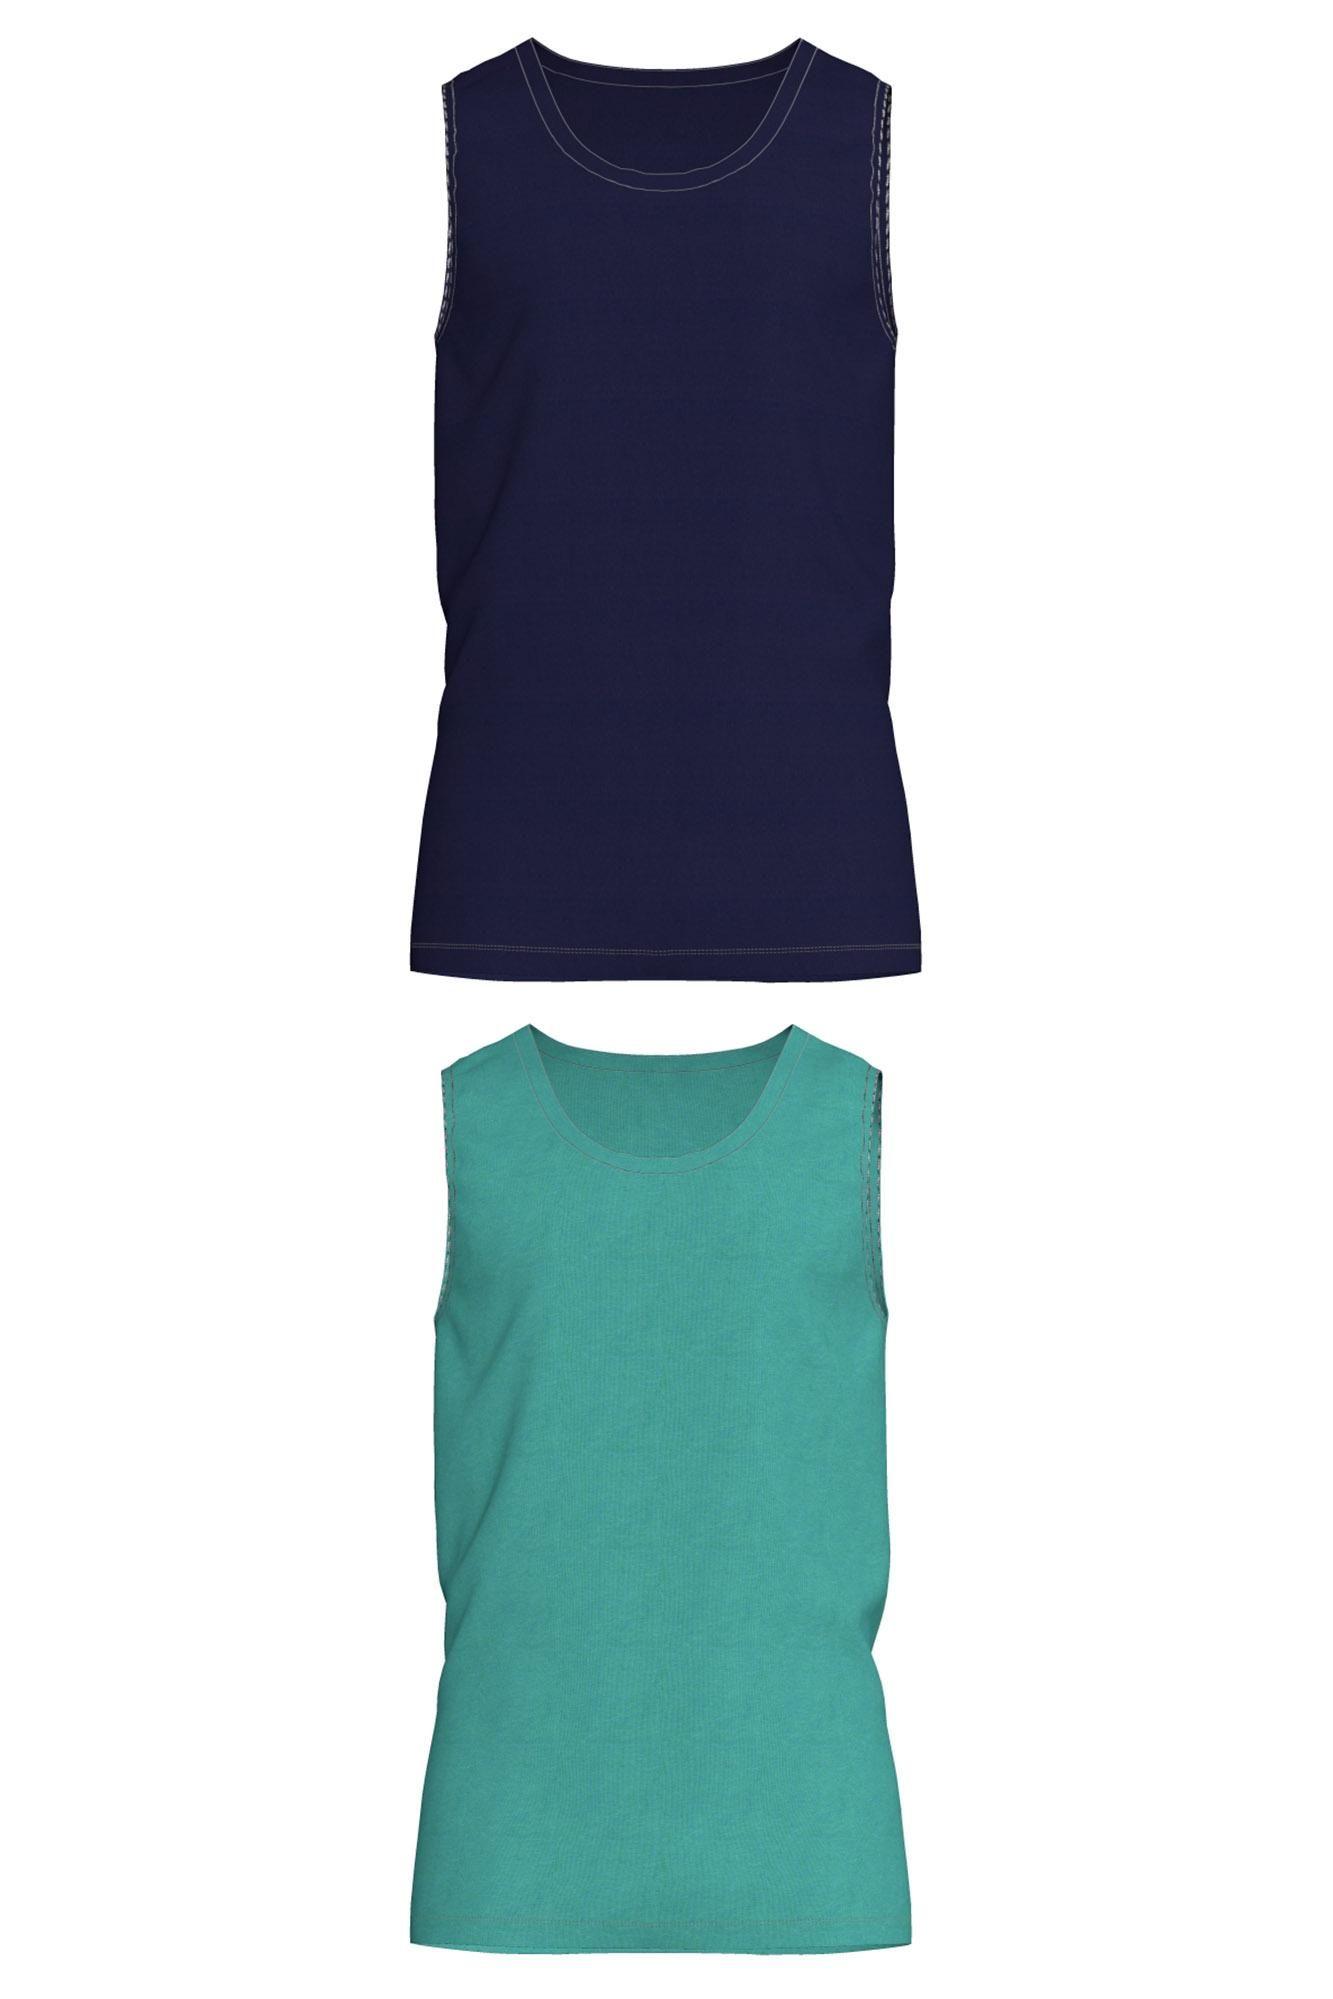 Men's 2 Pack Sleeveless Vests